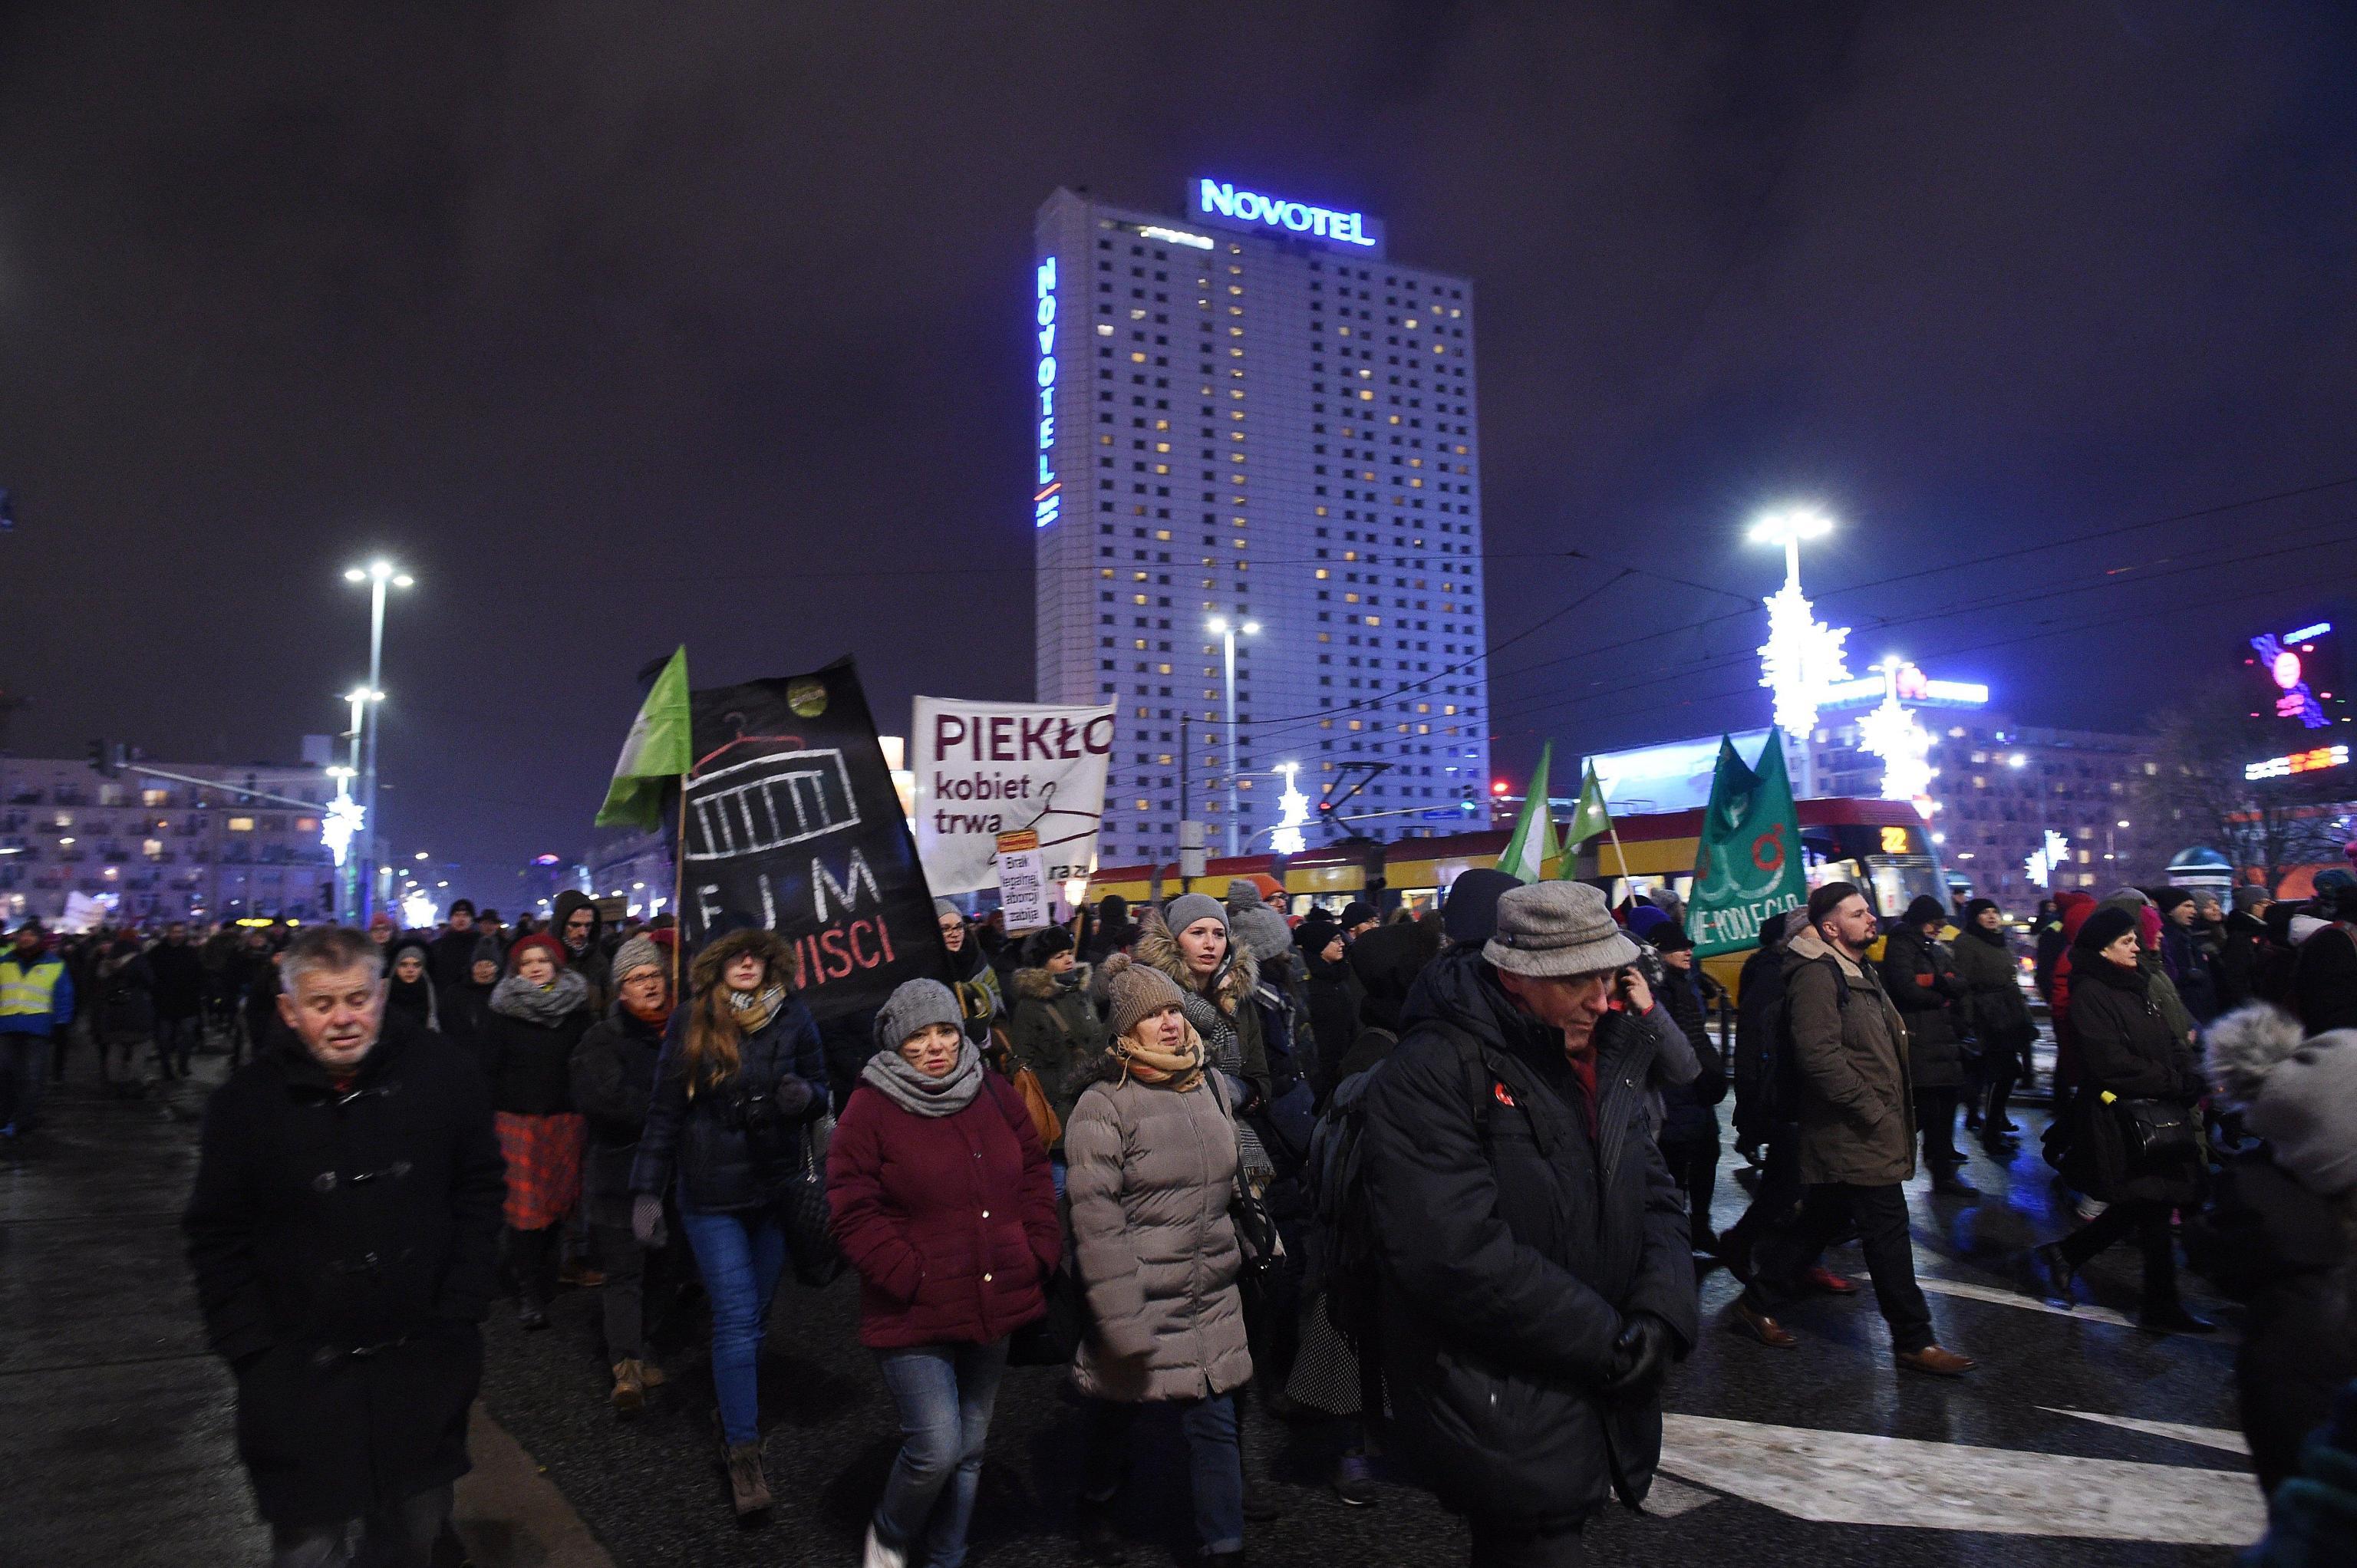 Polonia: migliaia contro stretta aborto